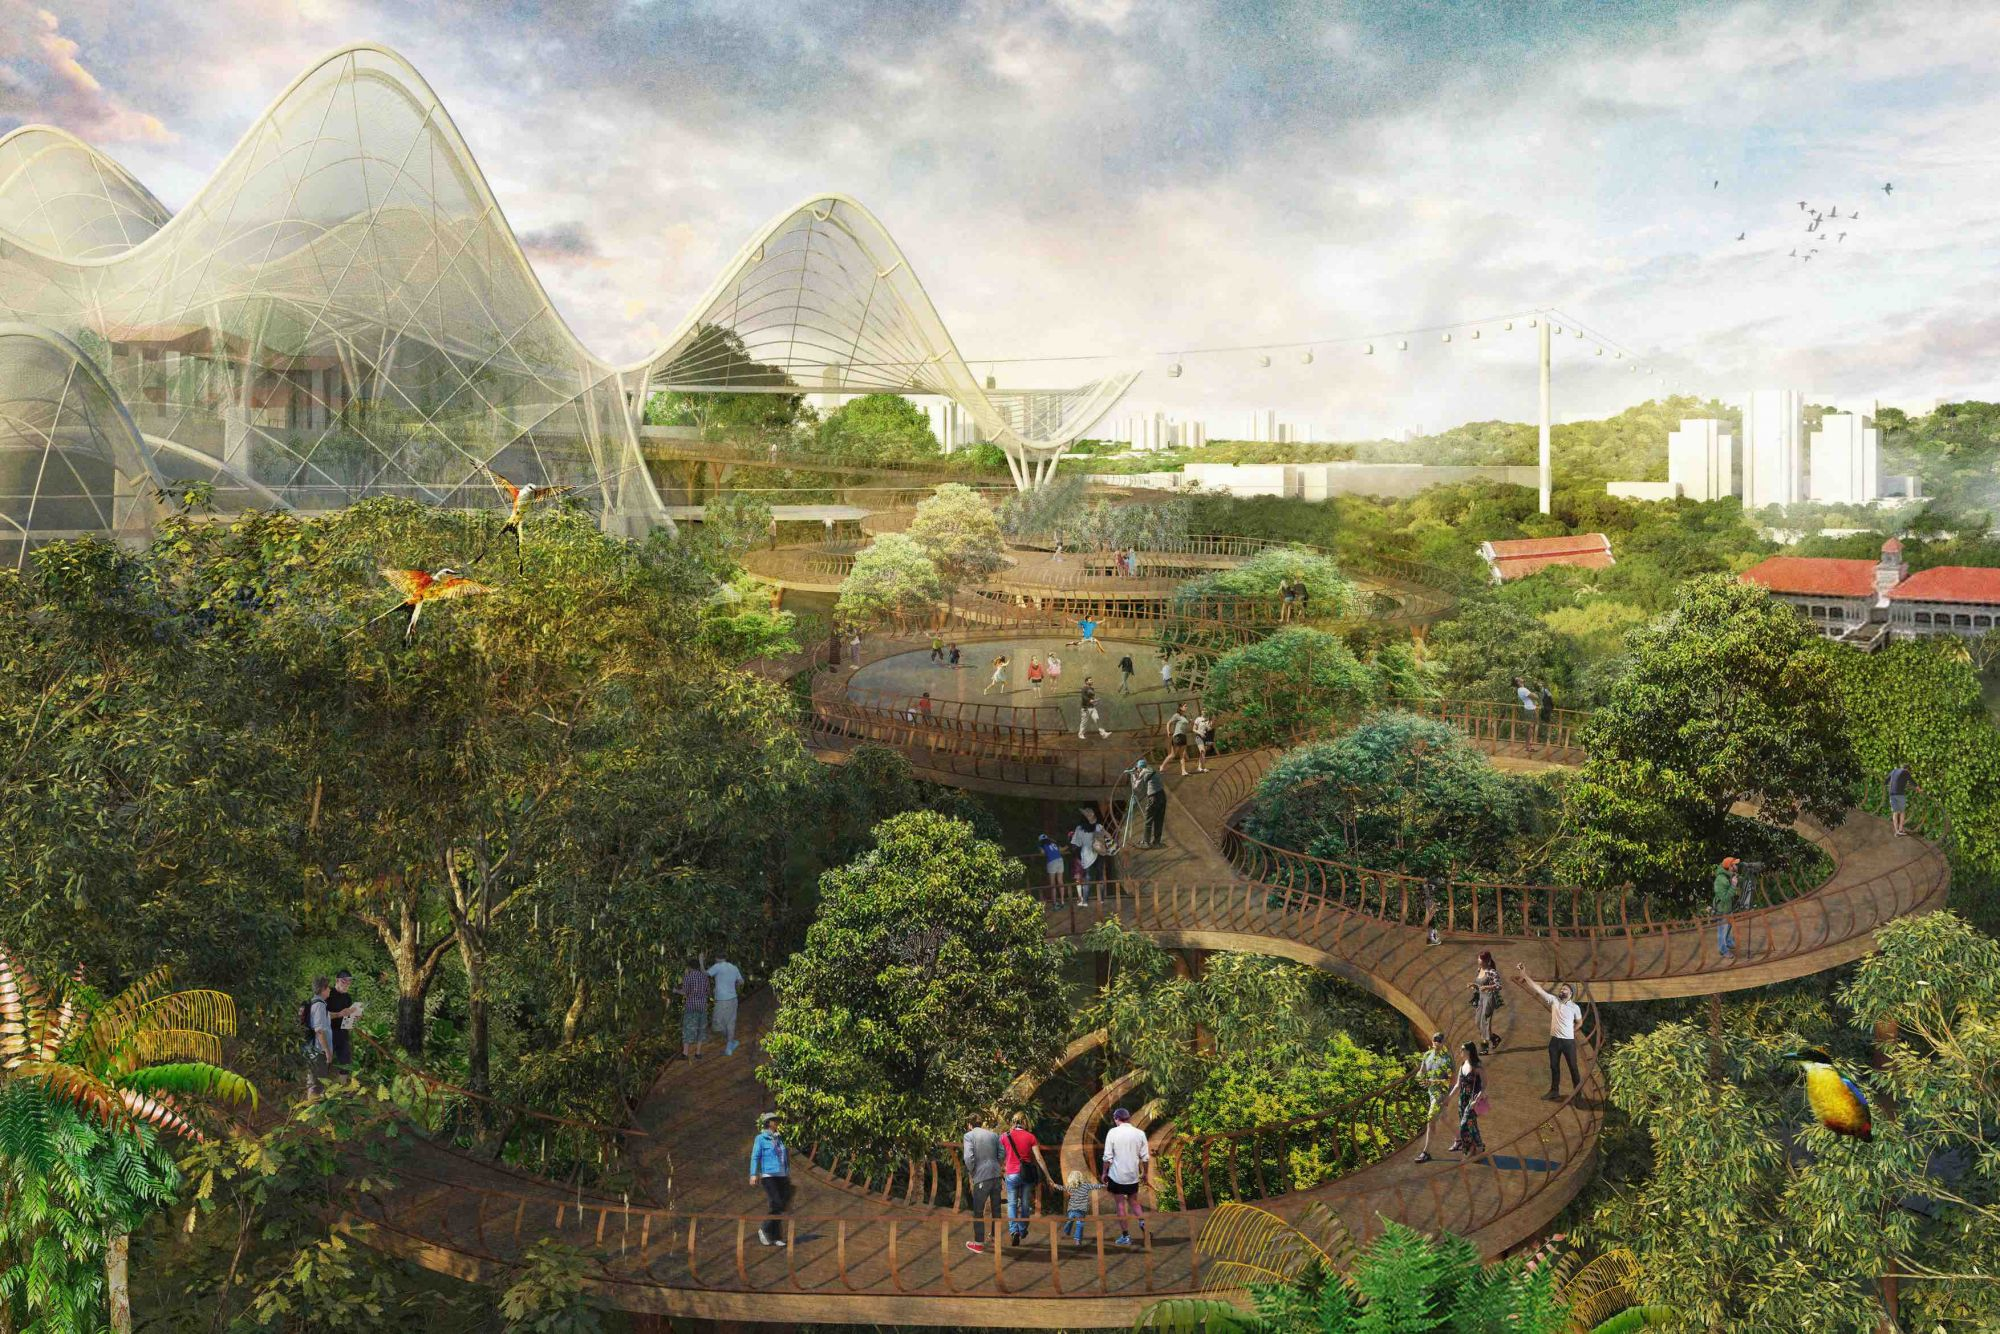 景觀設計師將成環境保育的真實英雄?新加坡Gardens By The Bay的景觀建築師告訴我們,如何將建築與自然合而為一